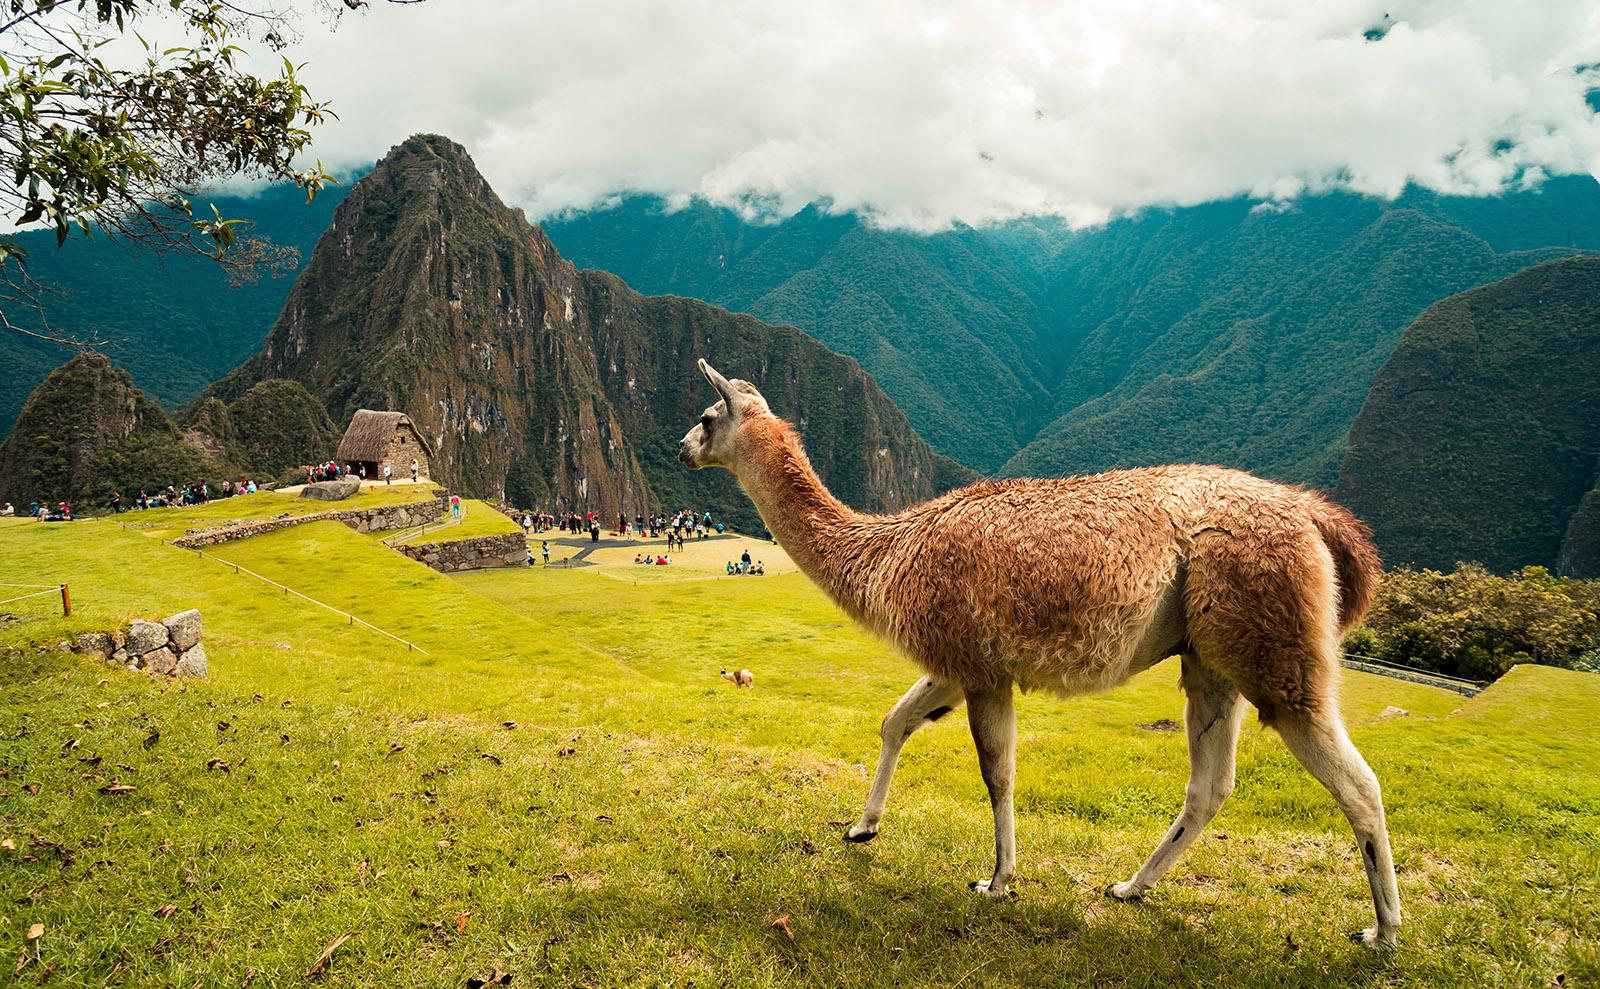 llama walking in the mountain above machu picchu